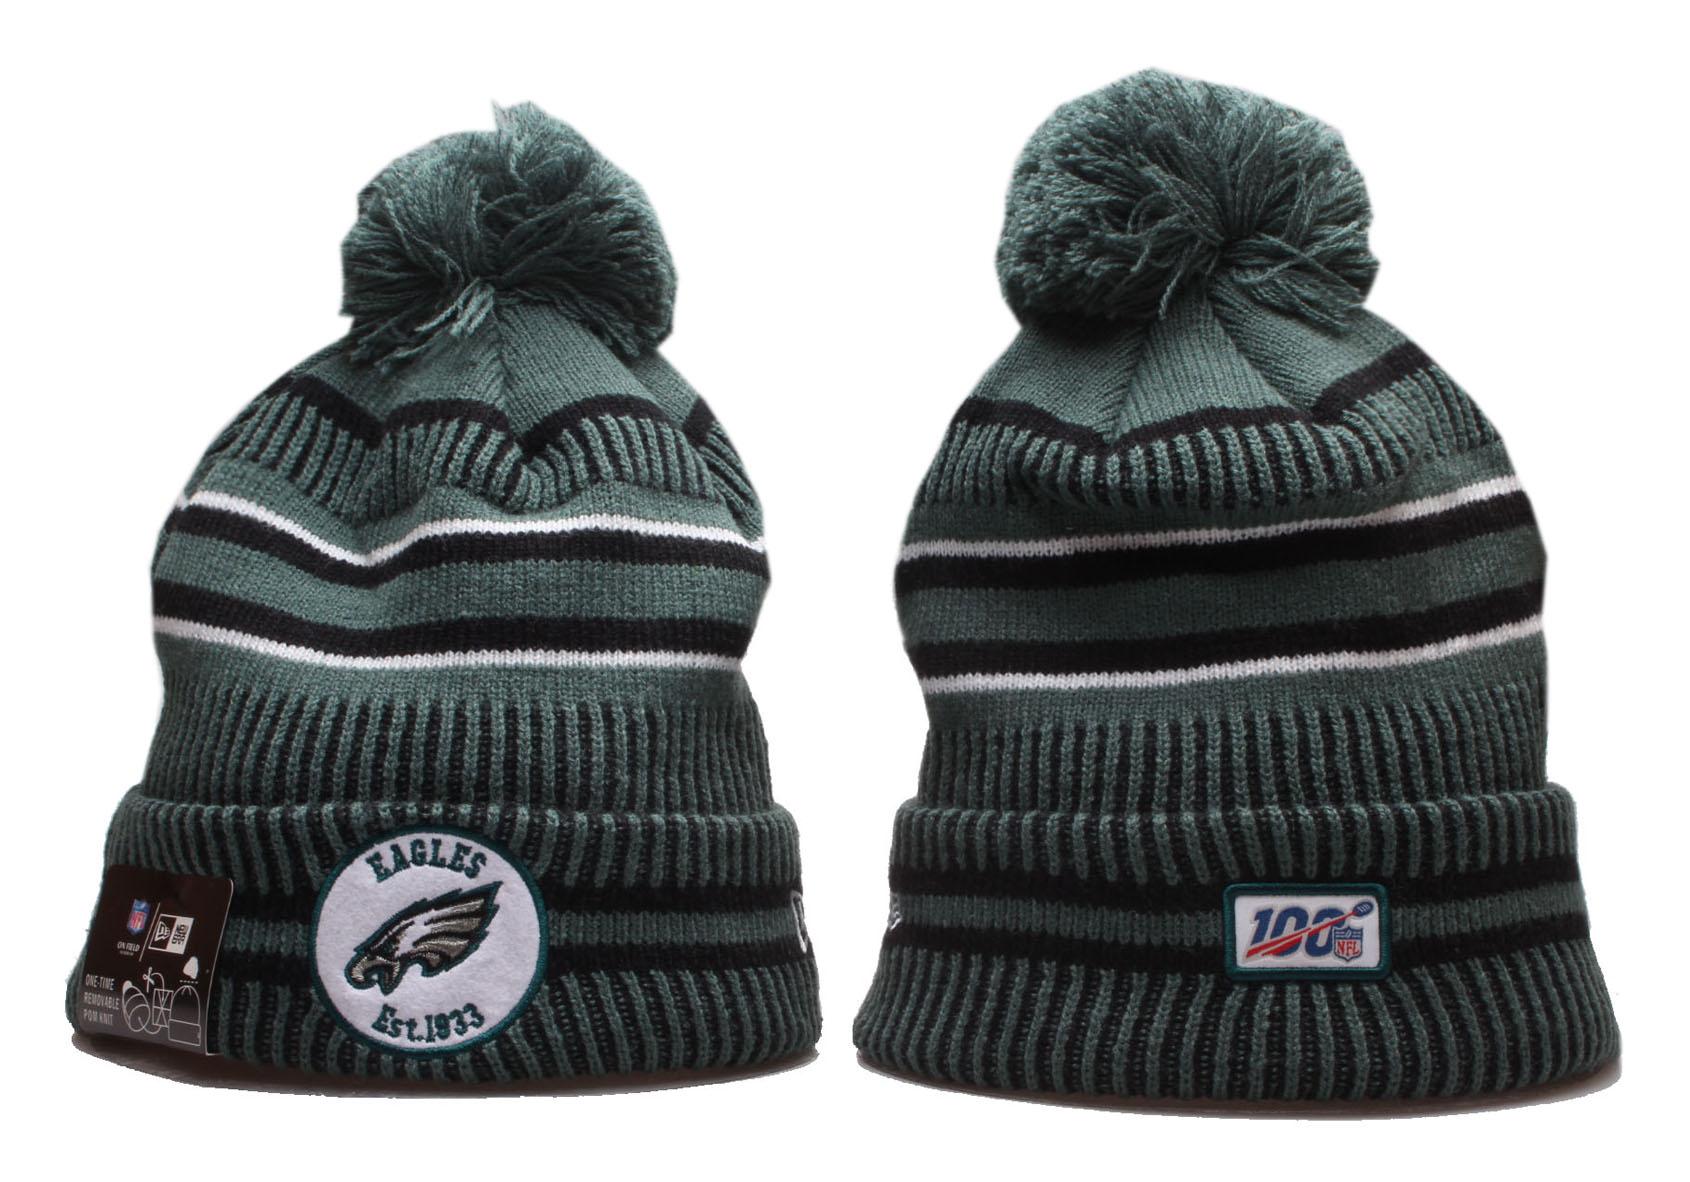 Eagles Team Logo Green 100th Season Cuffed Pom Knit Hat YP